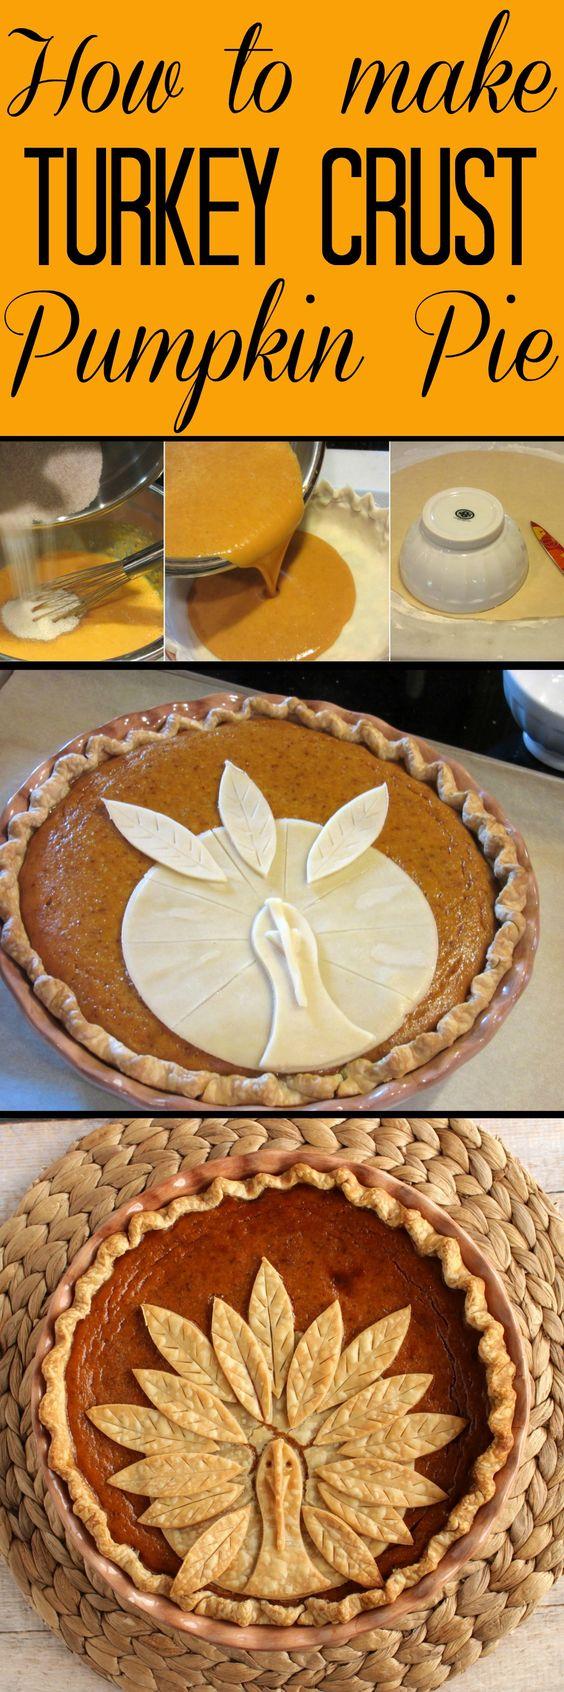 Delicious Thanksgiving Dessert Recipes: Adorable Turkey Crust Pumpkin Pie from Kudos Kitchen.